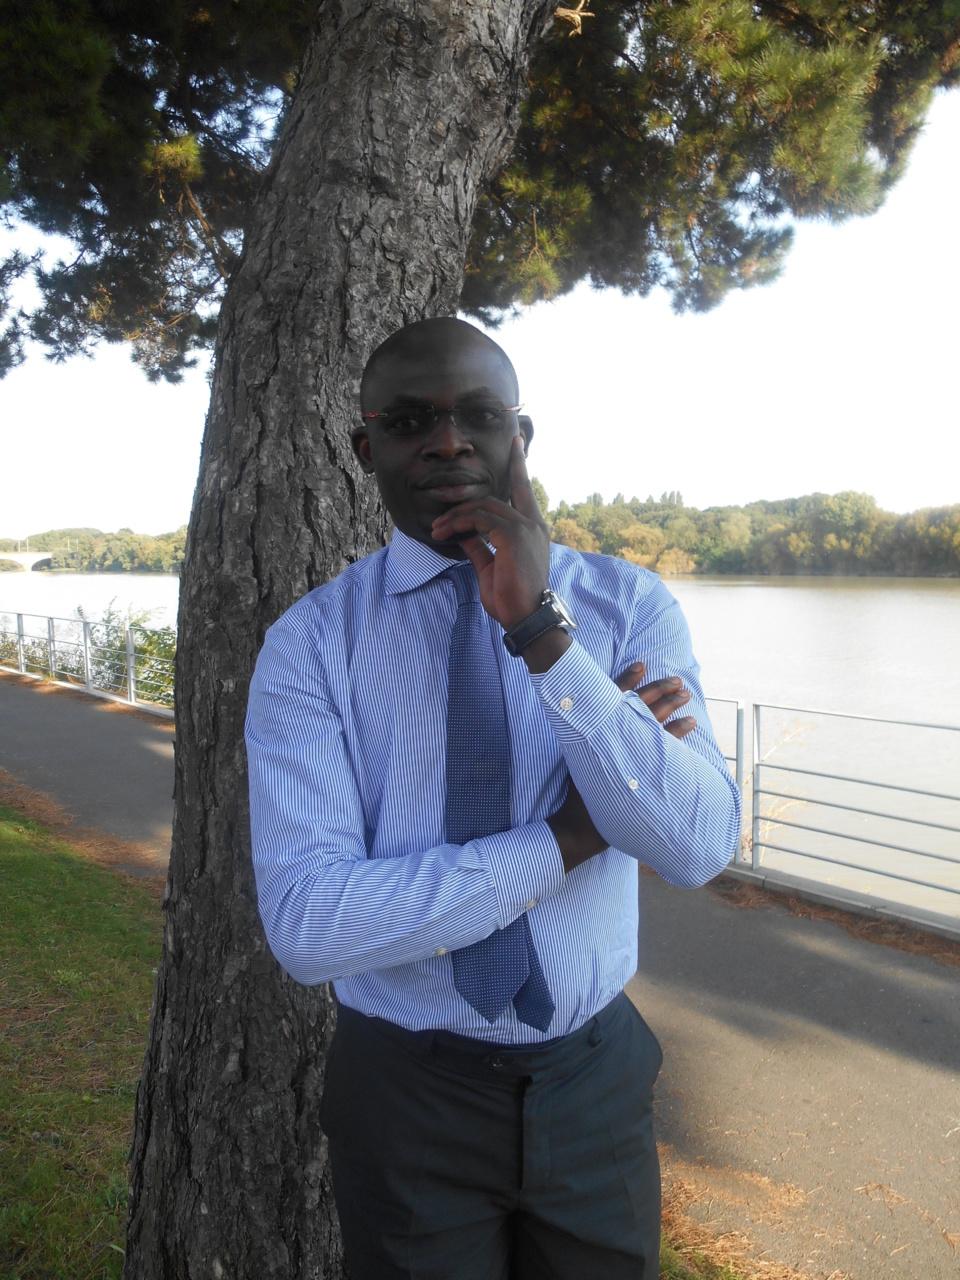 Centrafrique: un ancien ministre regrette l'inaction et l'indifférence des troupes onusiennes suite aux affrontements